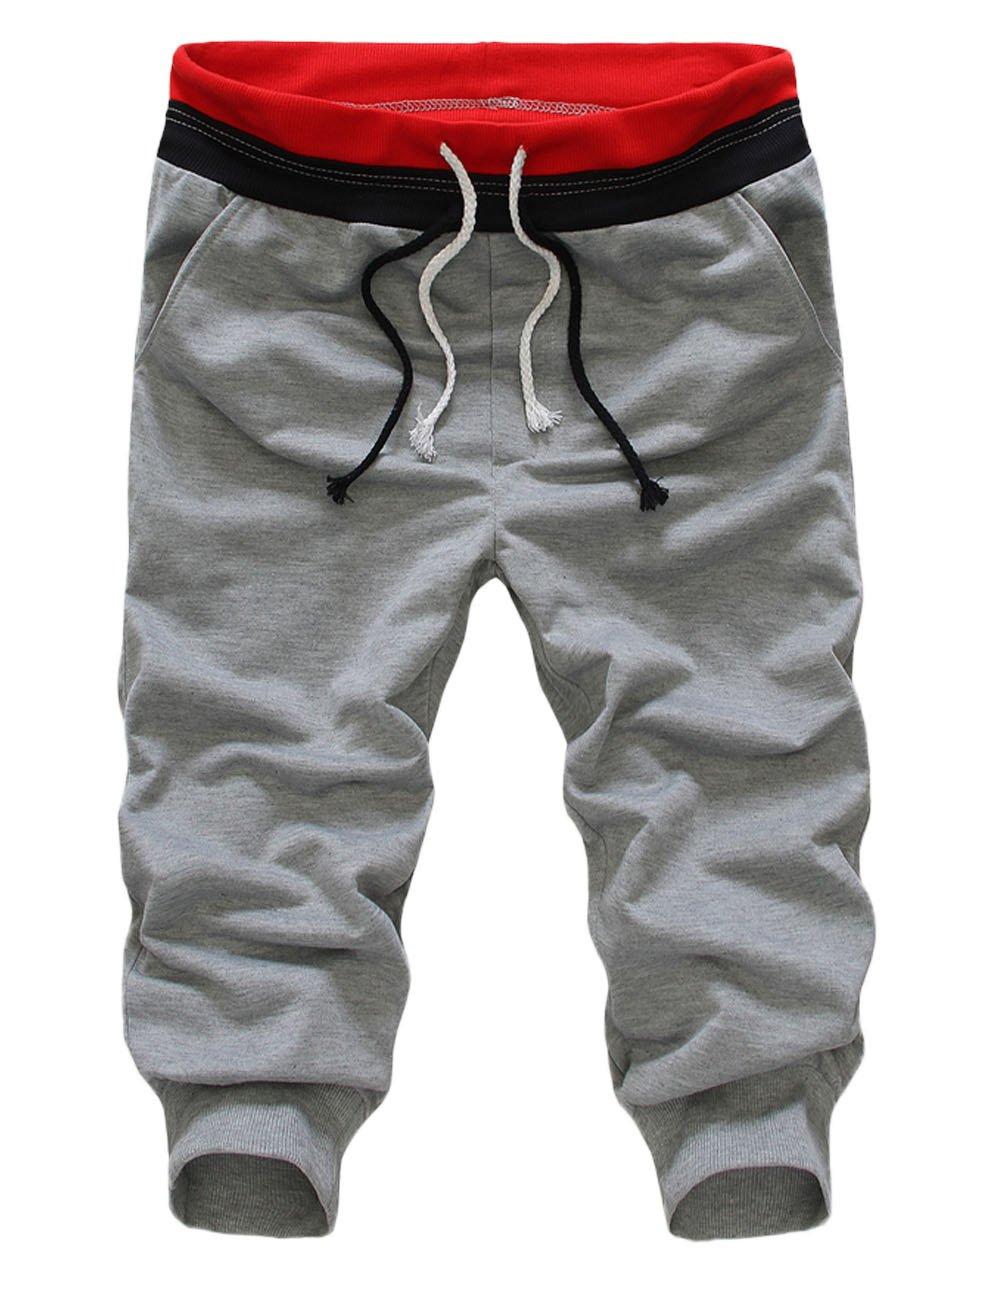 Minetom Release Pantaloni da Jogging da Uomo sportivi Casual Harem danza Shorts Pantaloni in esecuzione